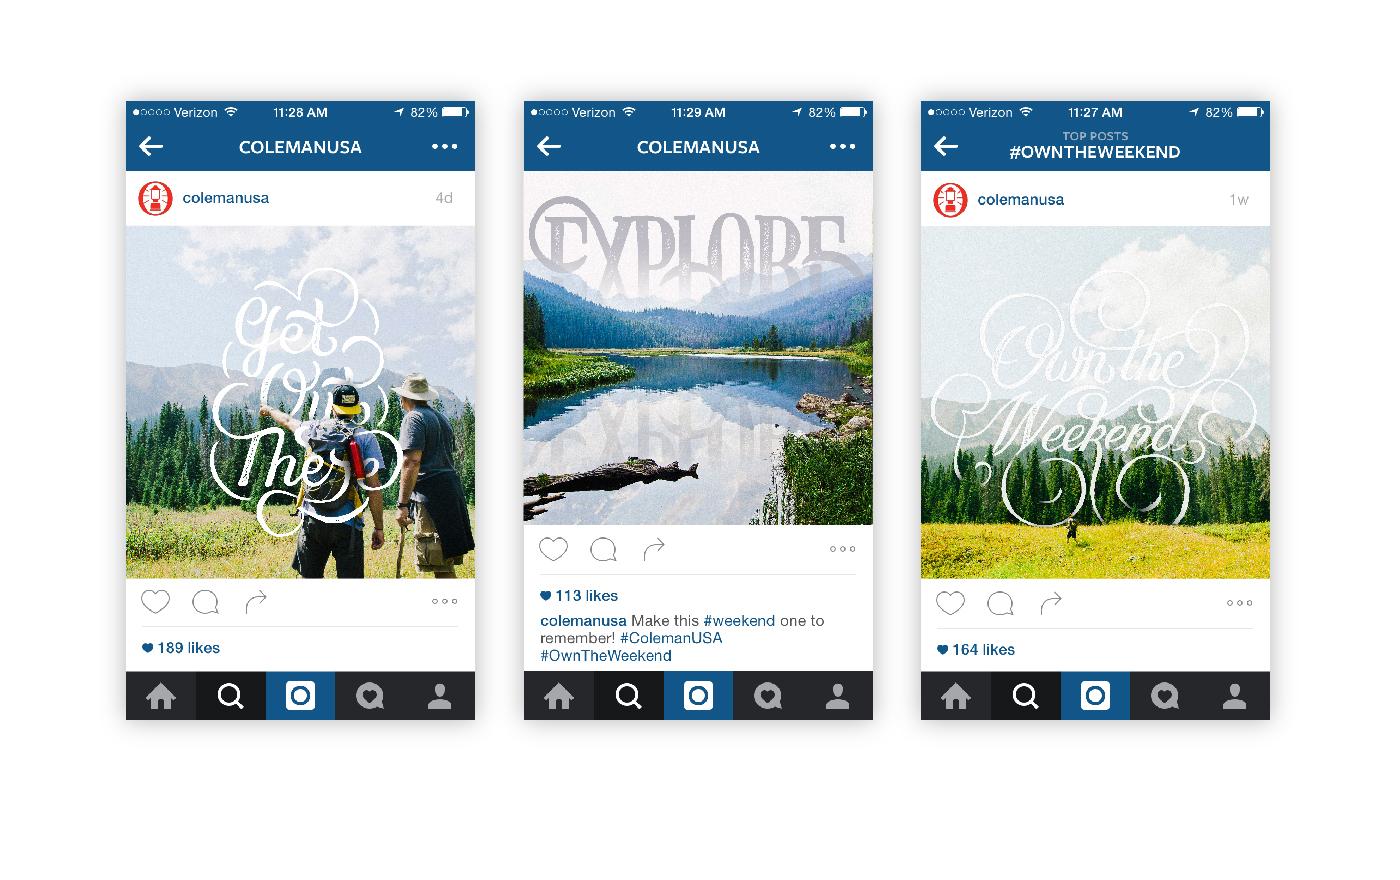 VS.Website.Coleman.InstagramPosts.jpg